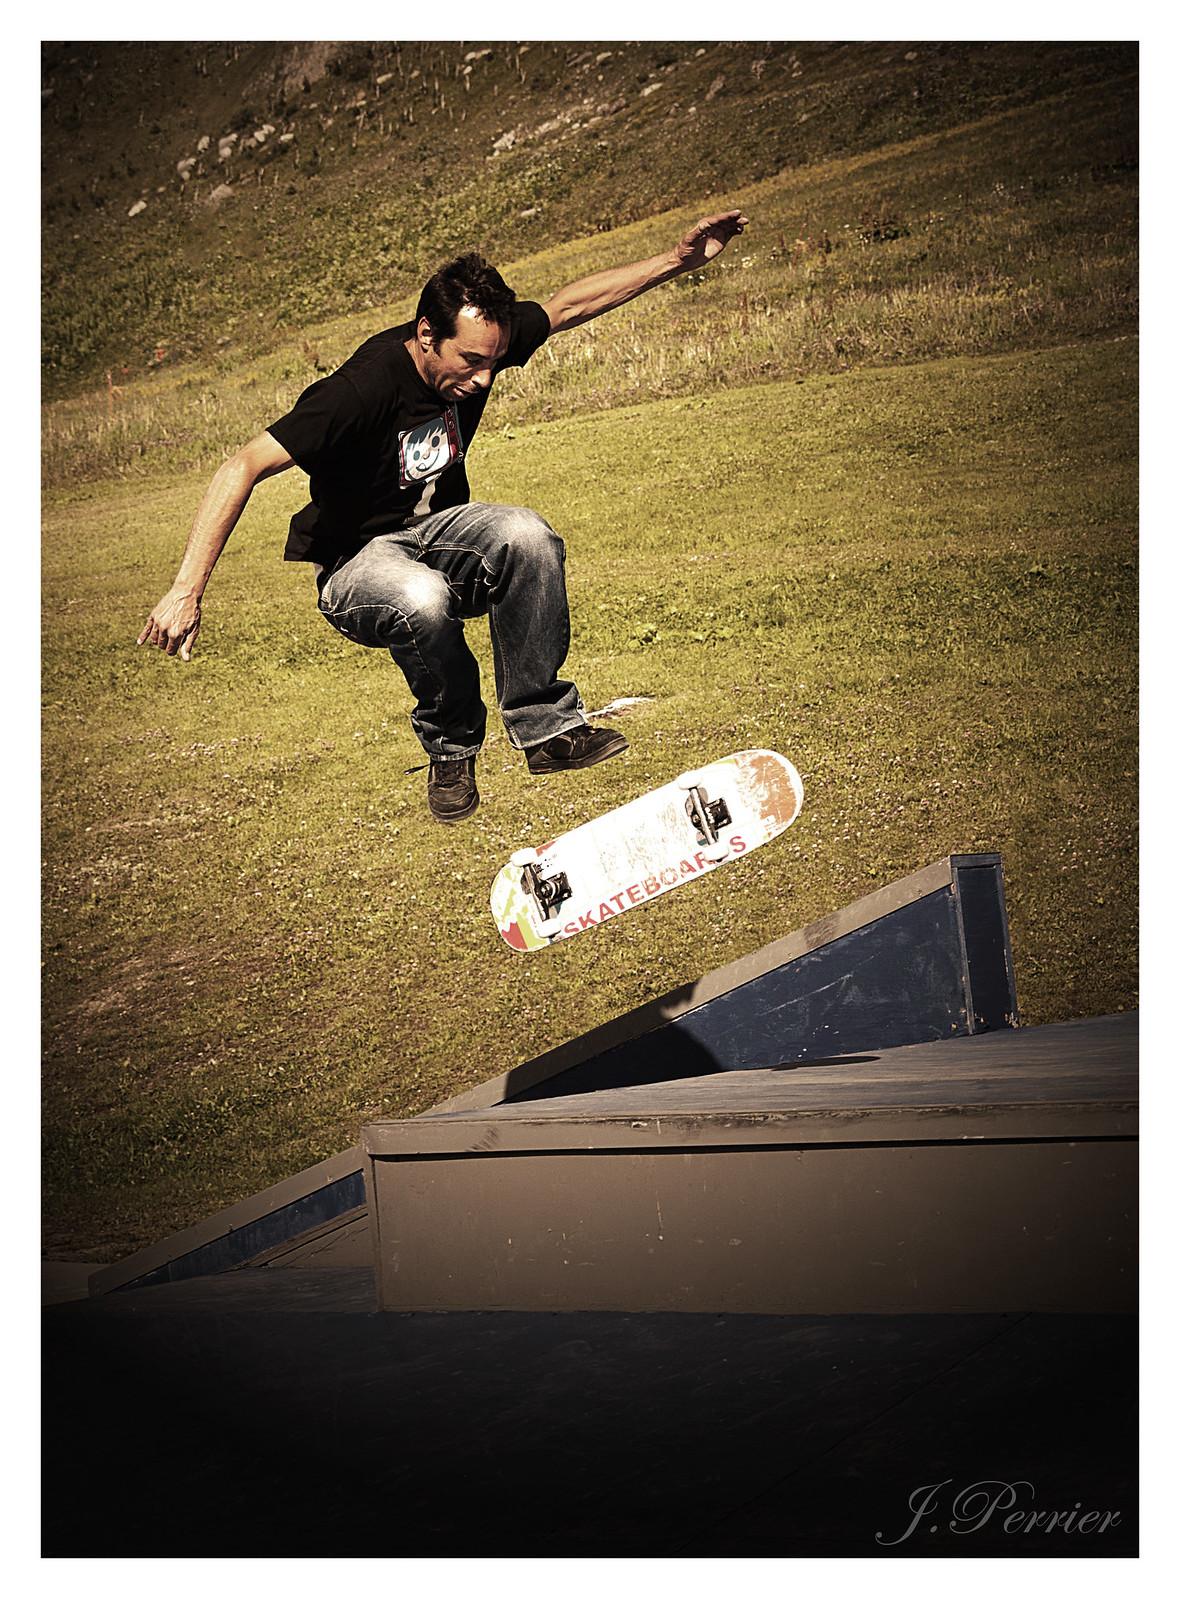 tignes été 2012 skate + BMX 7631912334_ac3c23c6c3_h